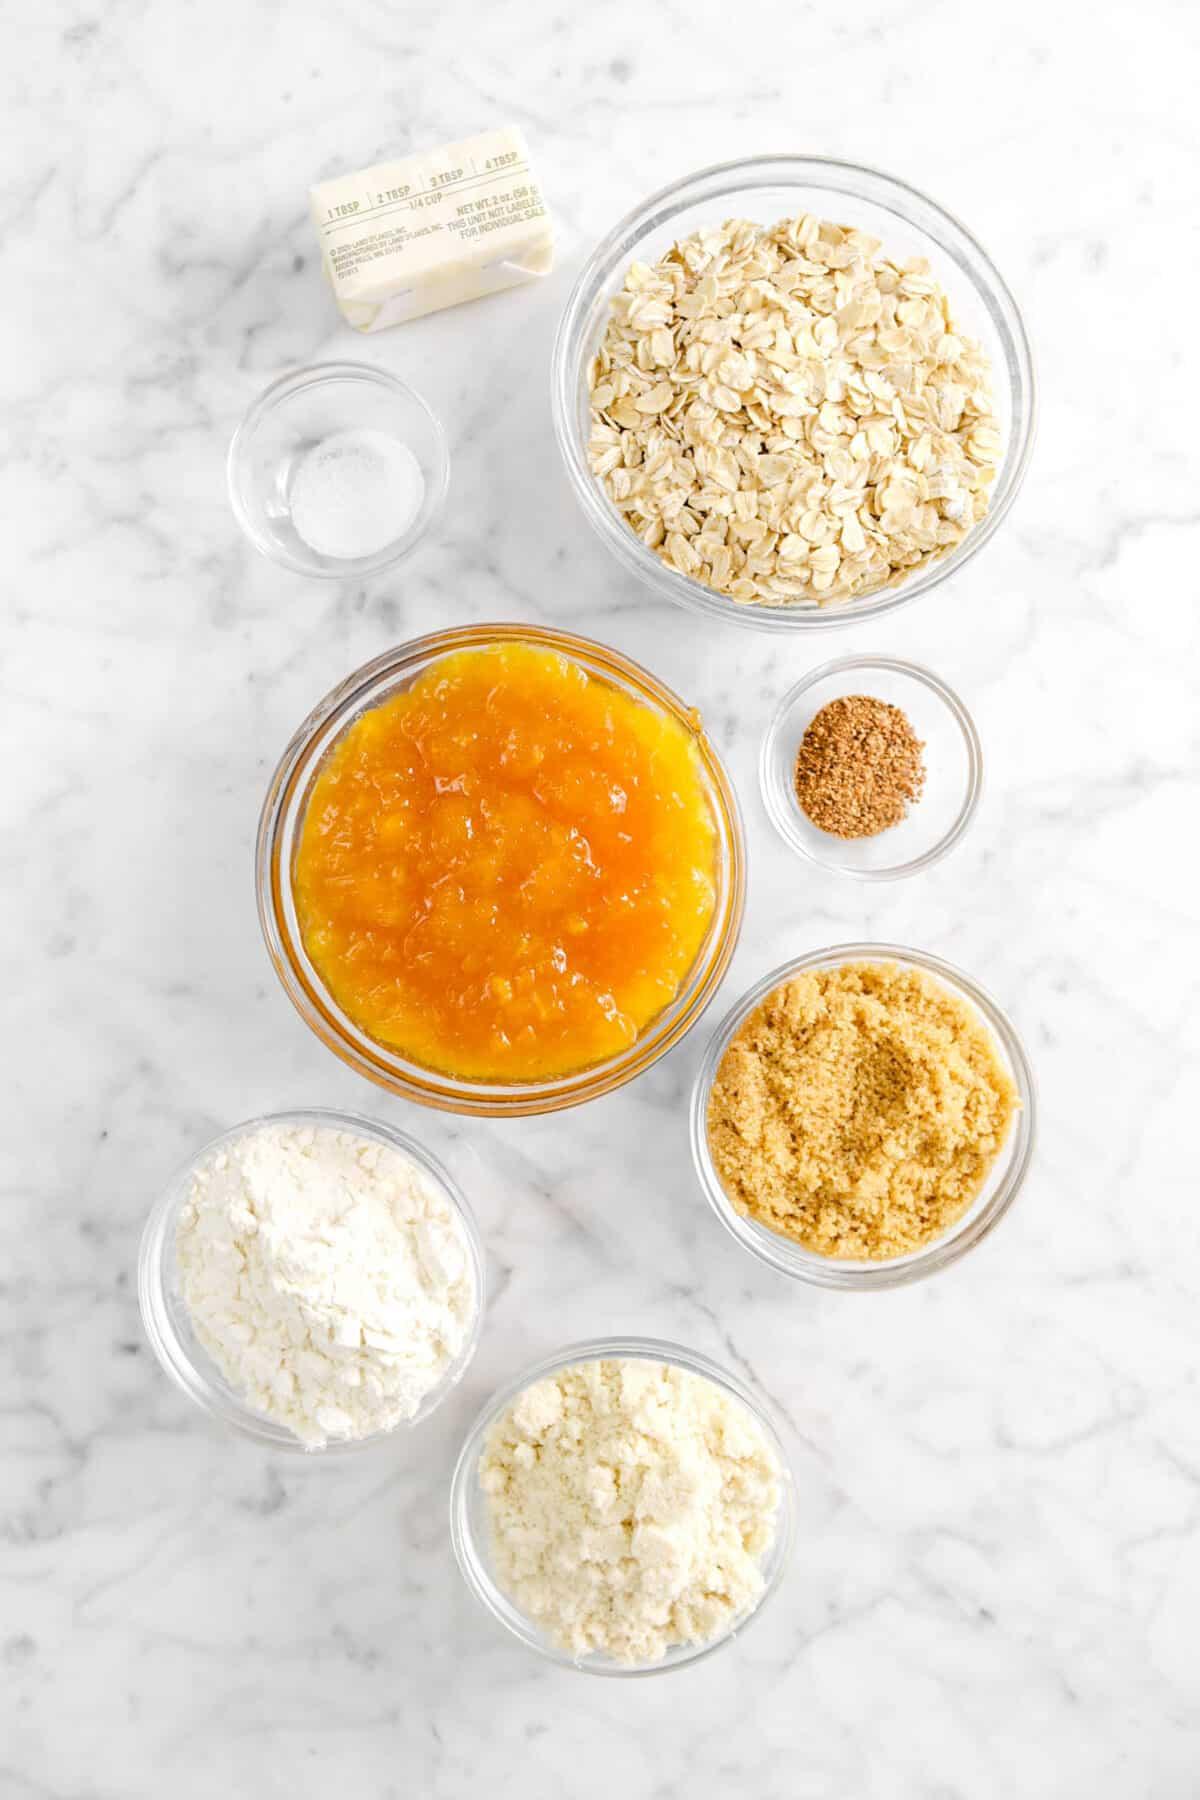 butter, oats, salt, peach jam, nutmeg, brown sugar, flour, almond flour in glass bowls